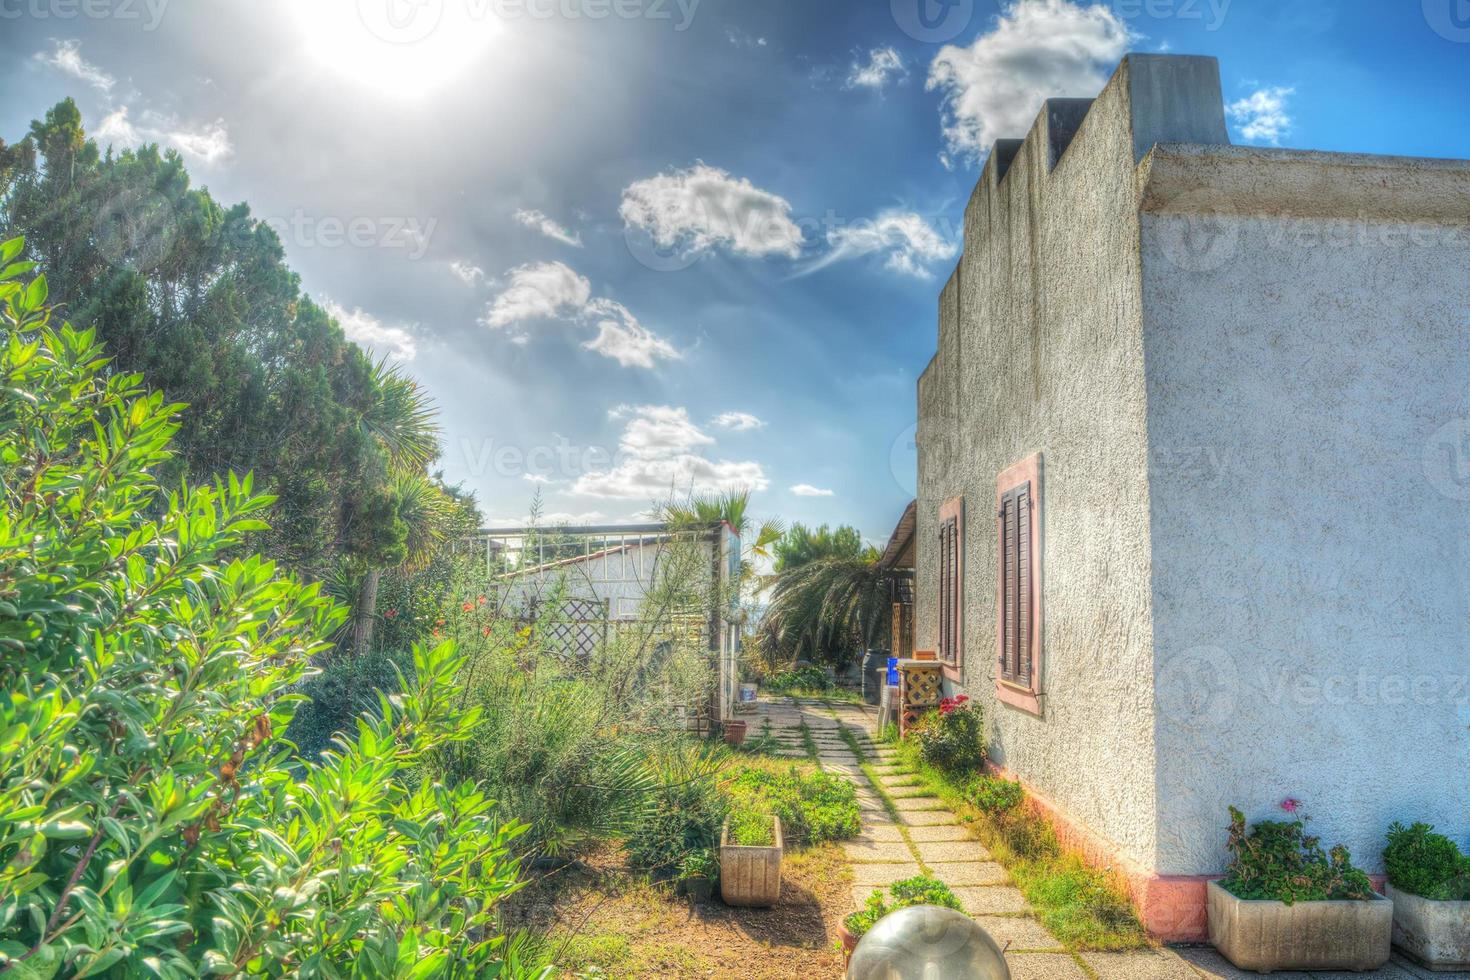 casa pittoresca in sardegna foto